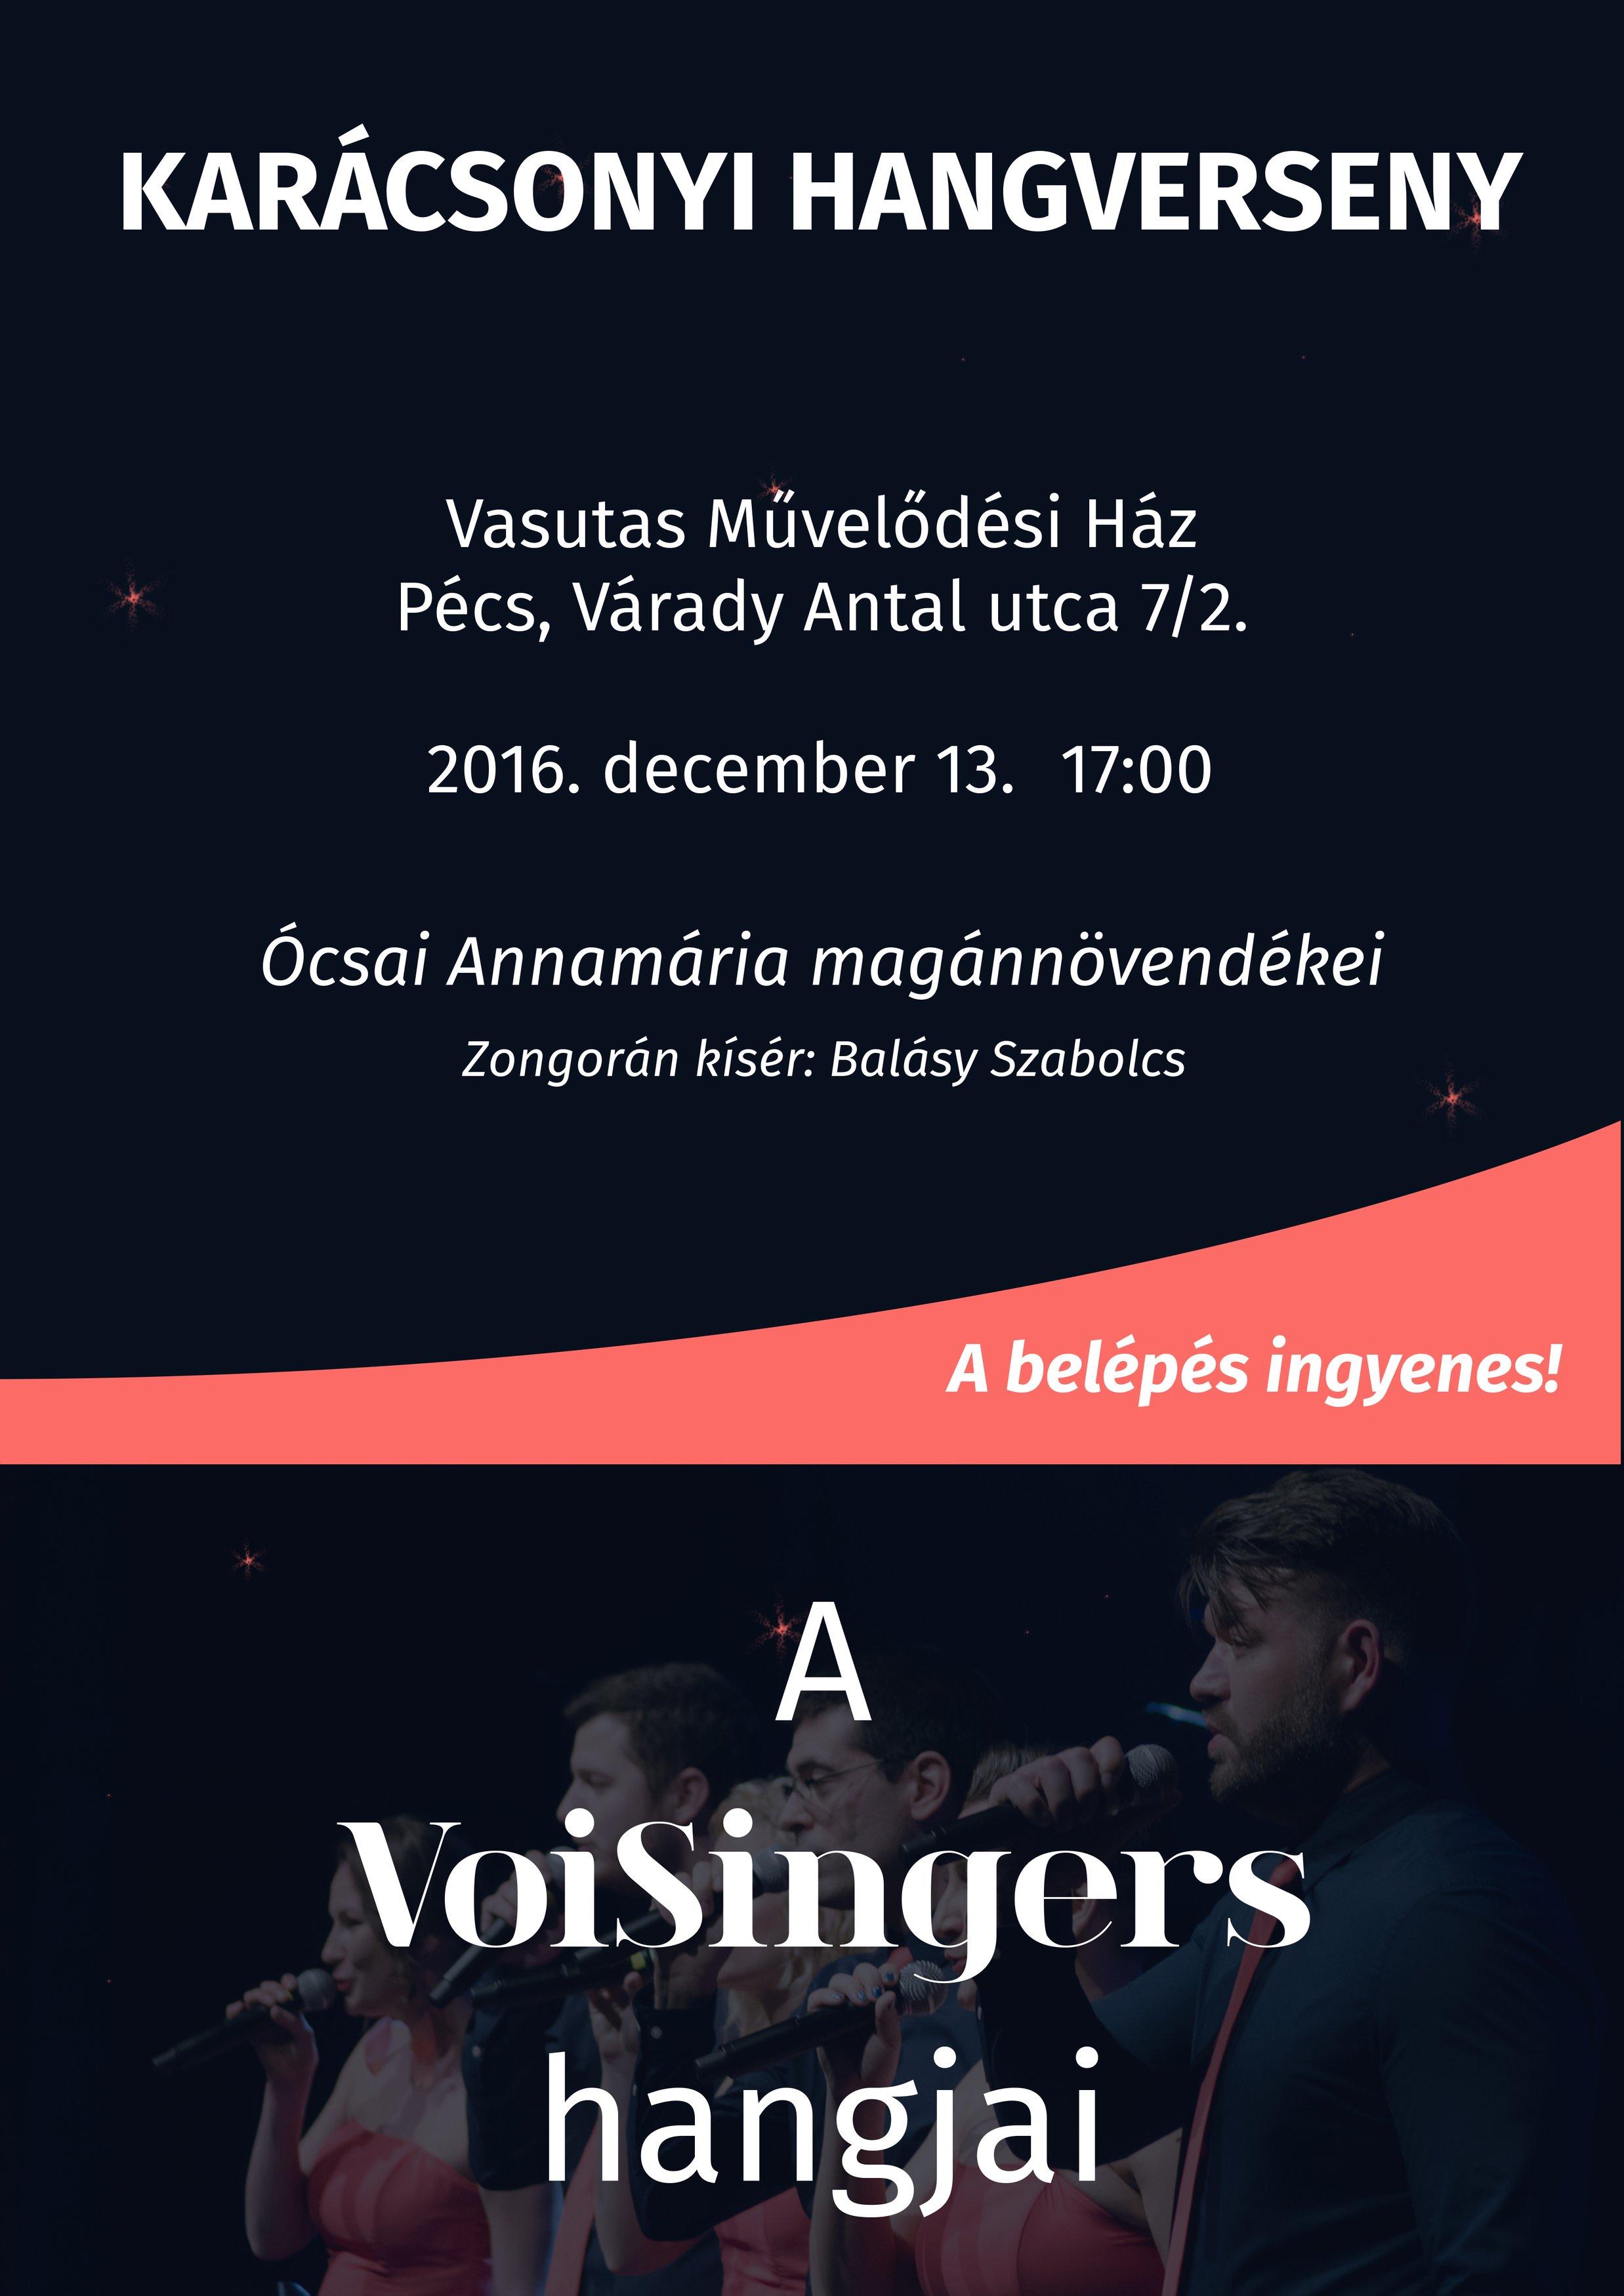 Ingyenes VoiSingers Karácsonyi Hangverseny a Vasutasban